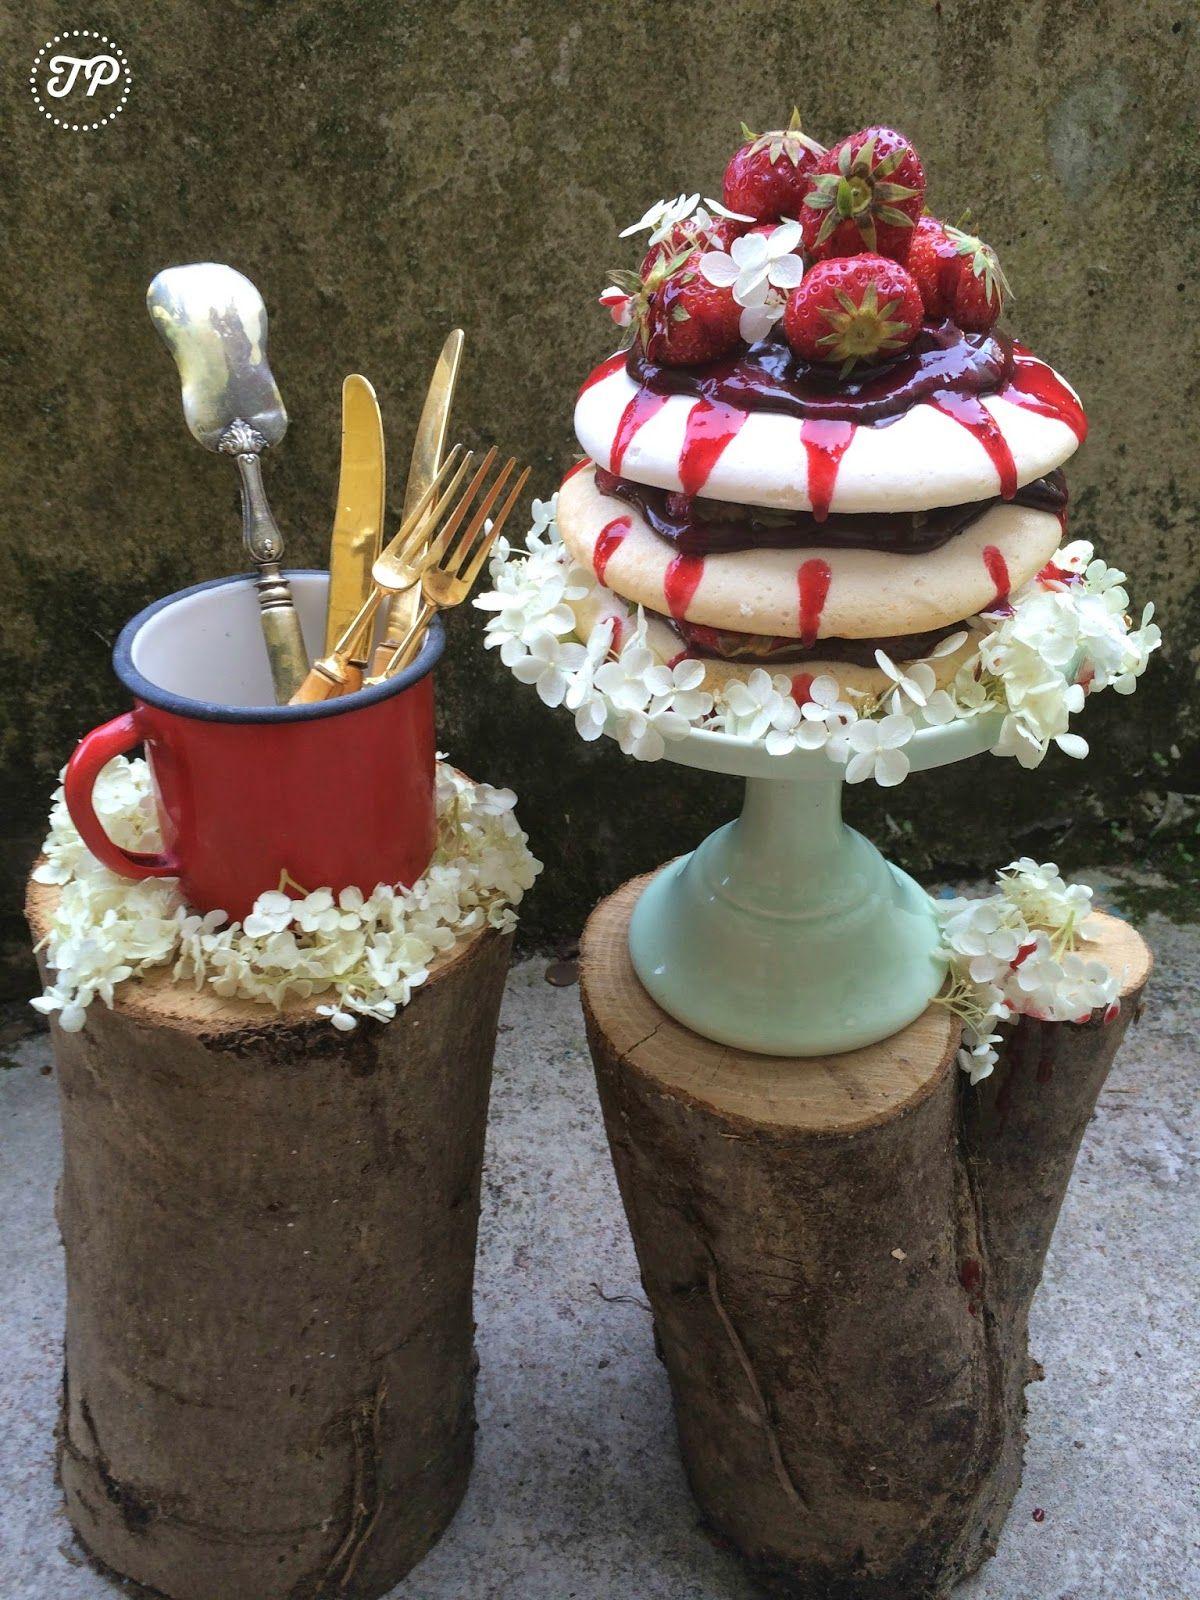 Tartapitufa: Pavlova vegana sin huevo, sin gluten sin lactosa con fresas y chocolate!!